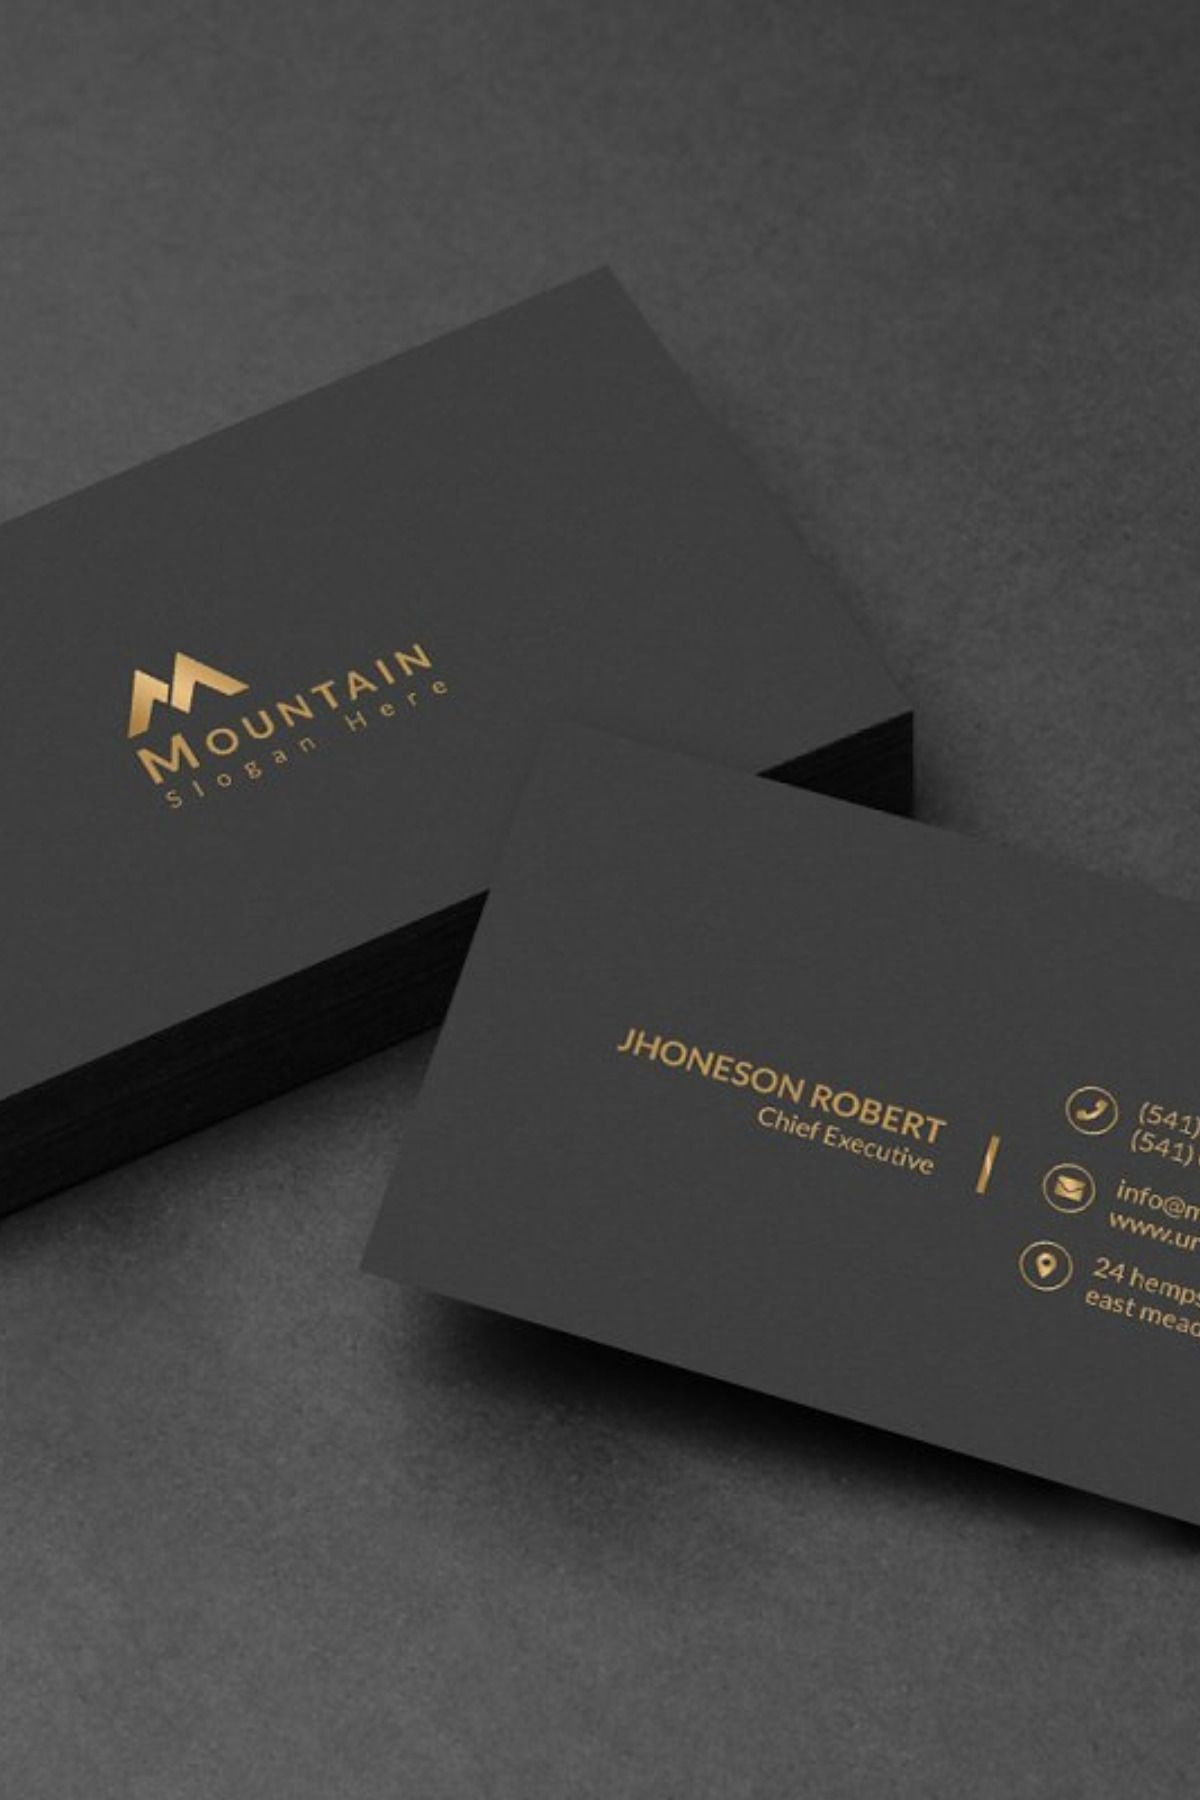 Business Card Elegant Business Cards Design Graphic Design Business Card Visiting Card Design